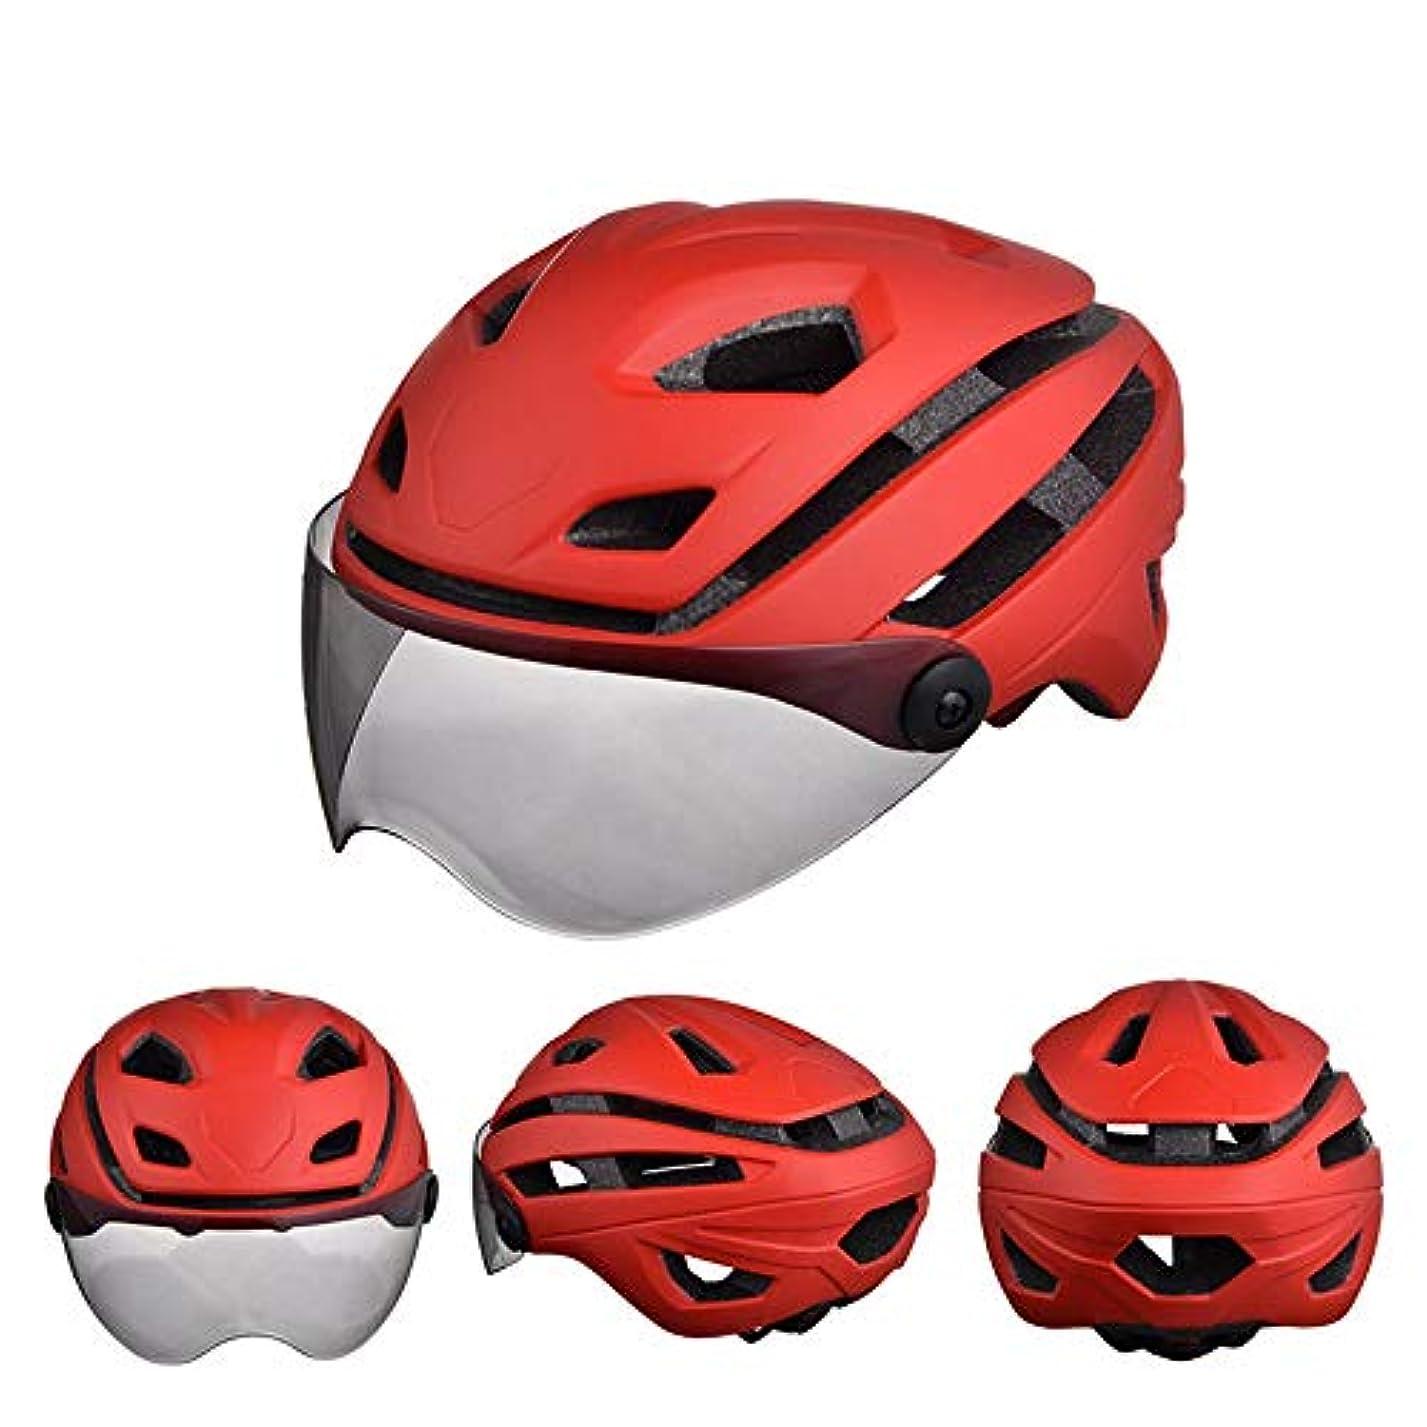 比較骨力強いTOMSSL高品質 ゴーグルの屋外の乗馬のヘルメットの人そして女性の軽い変更統合された自転車のヘルメット (色 : Red)